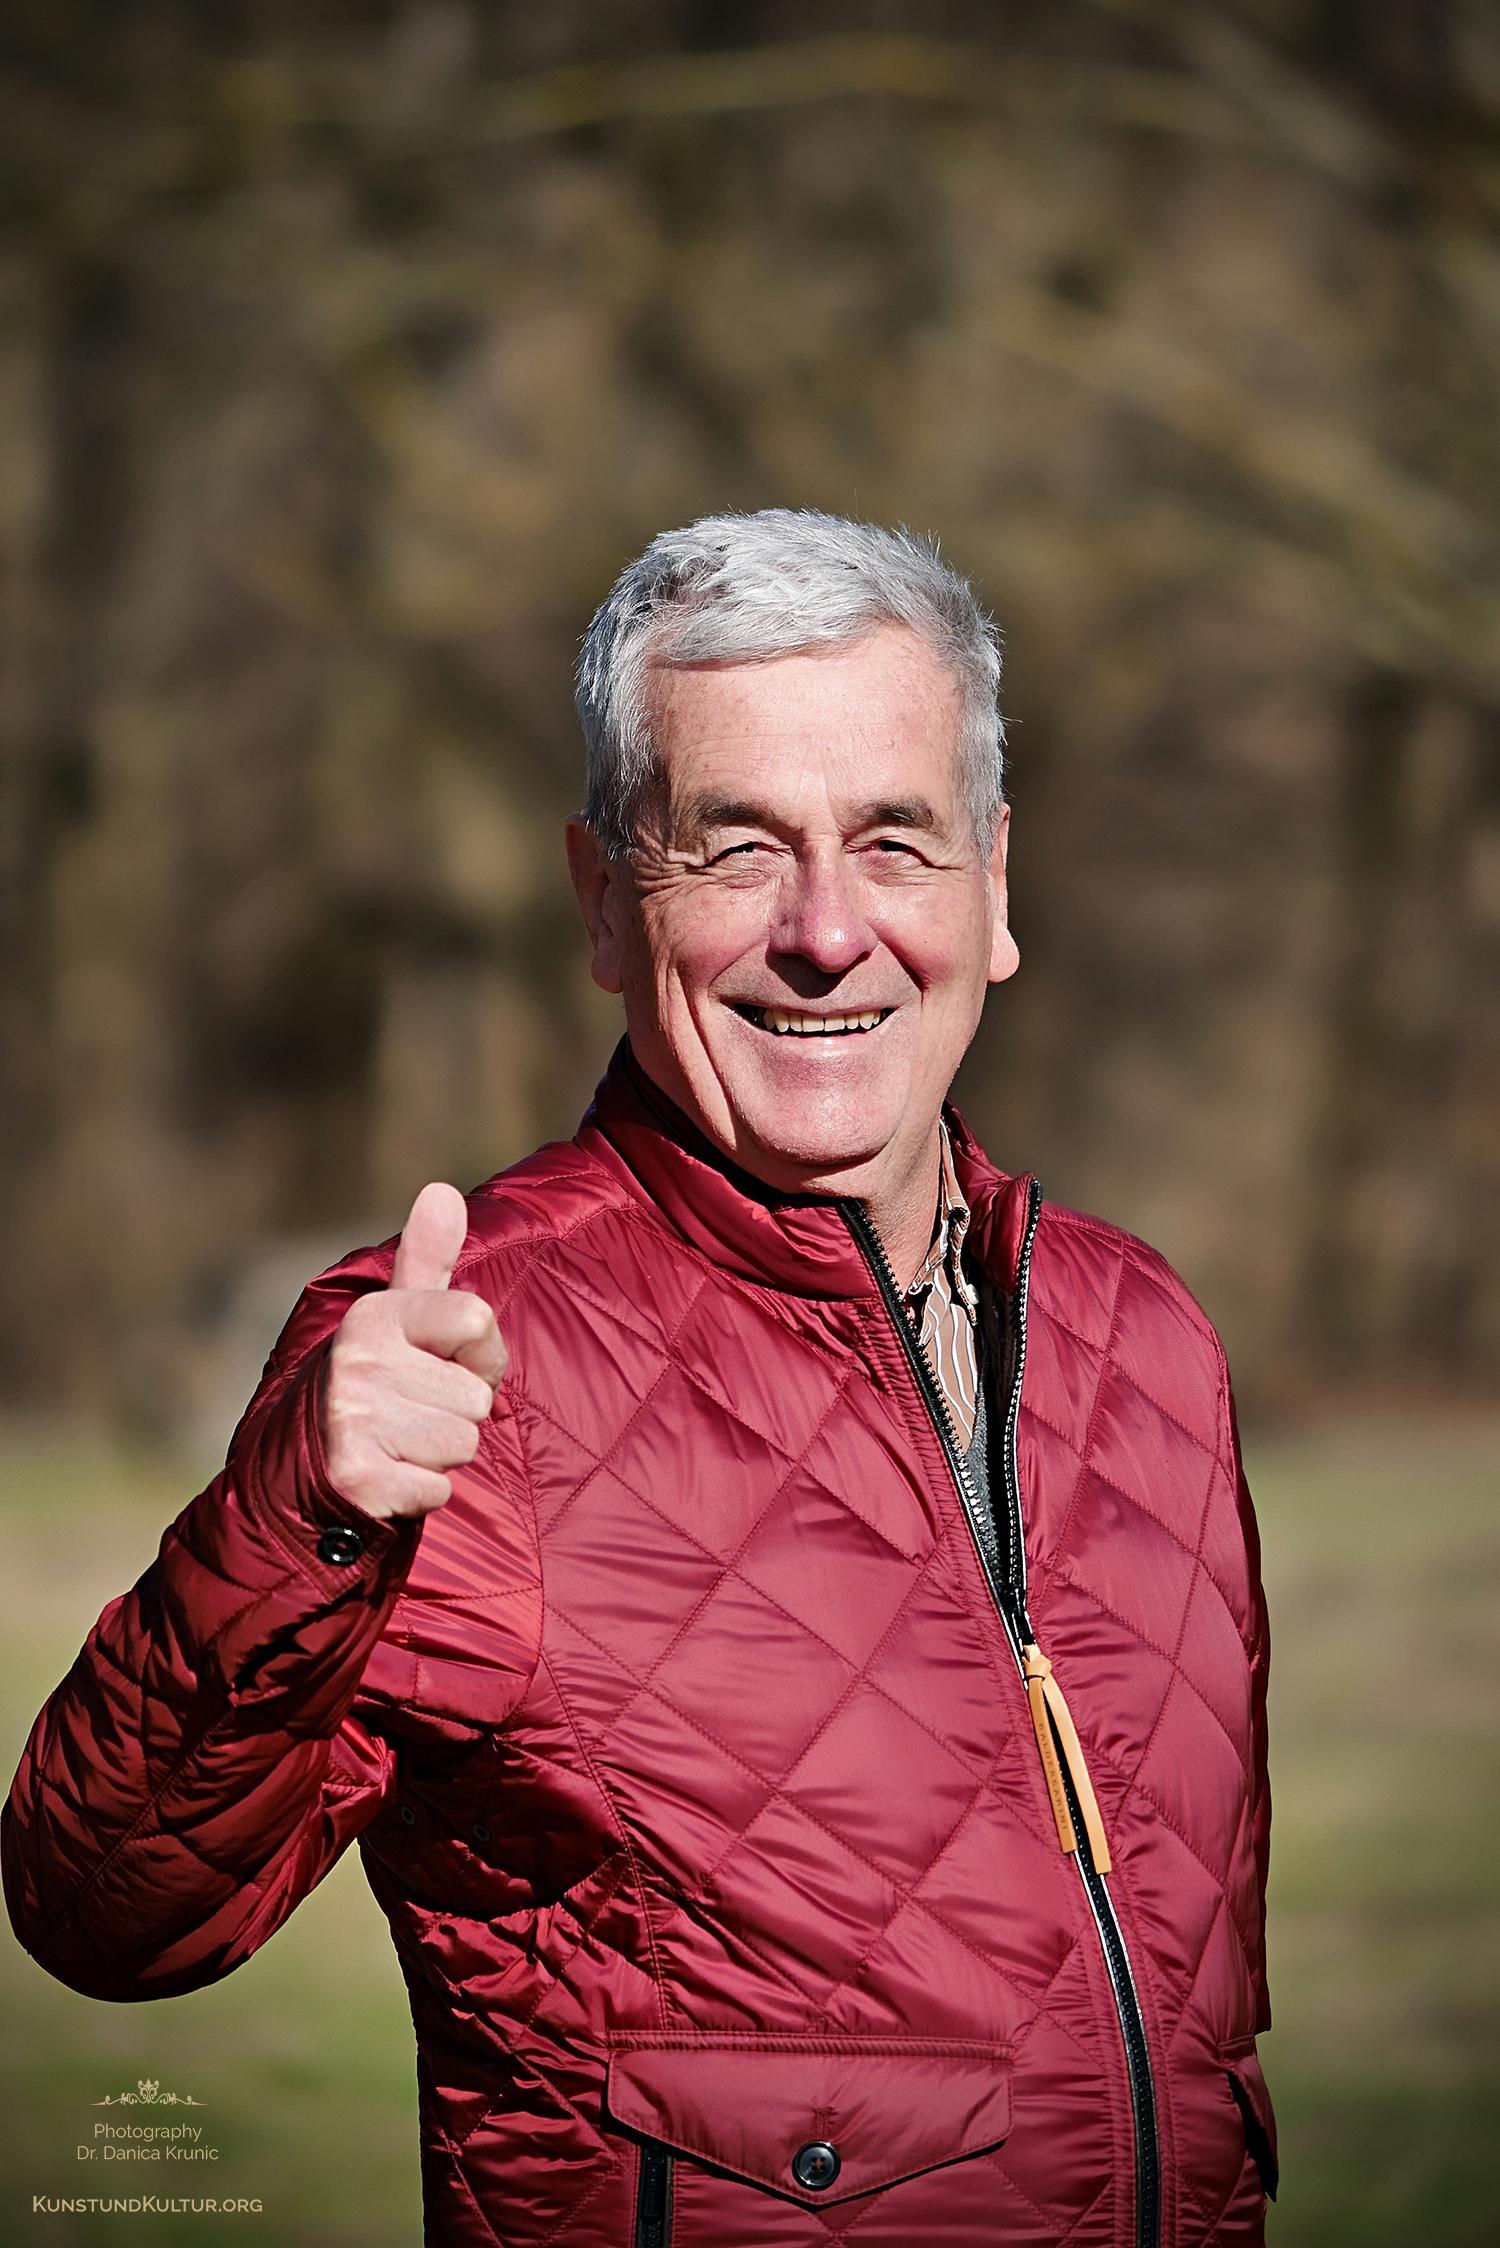 Dr. Horst Engler-Hamm